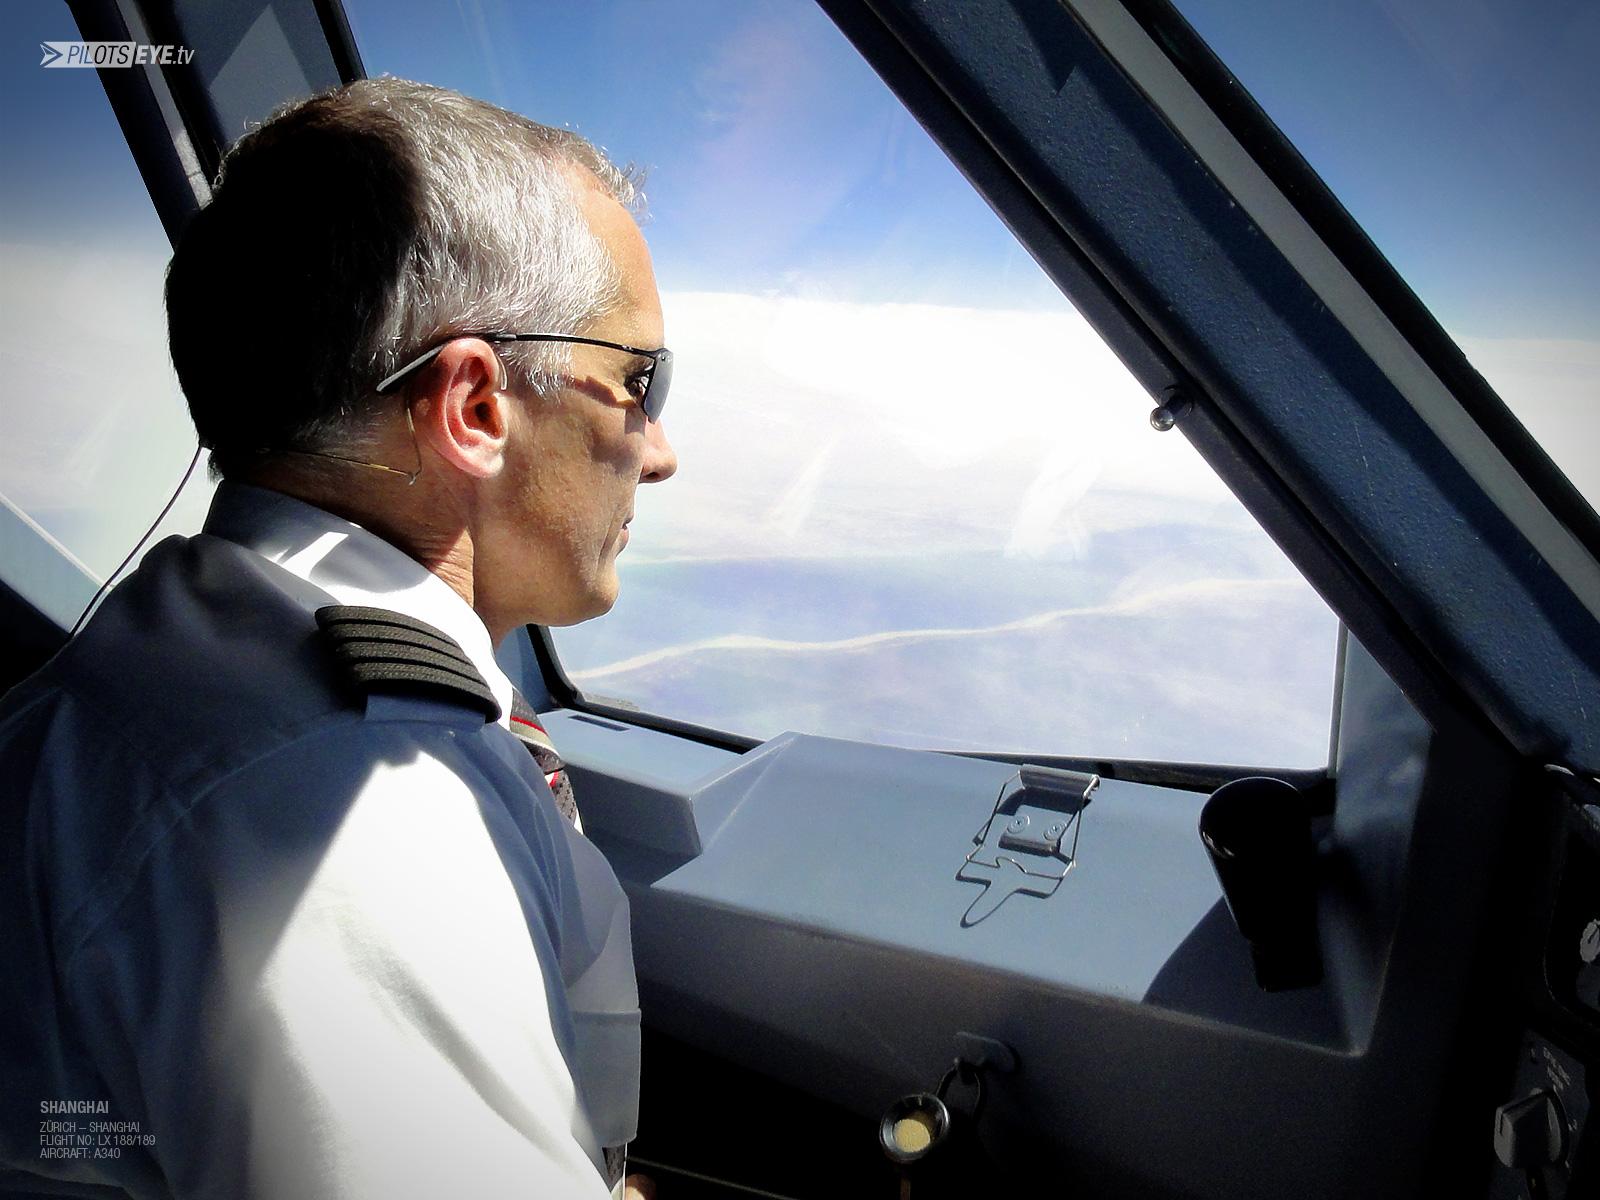 Pilots Eye